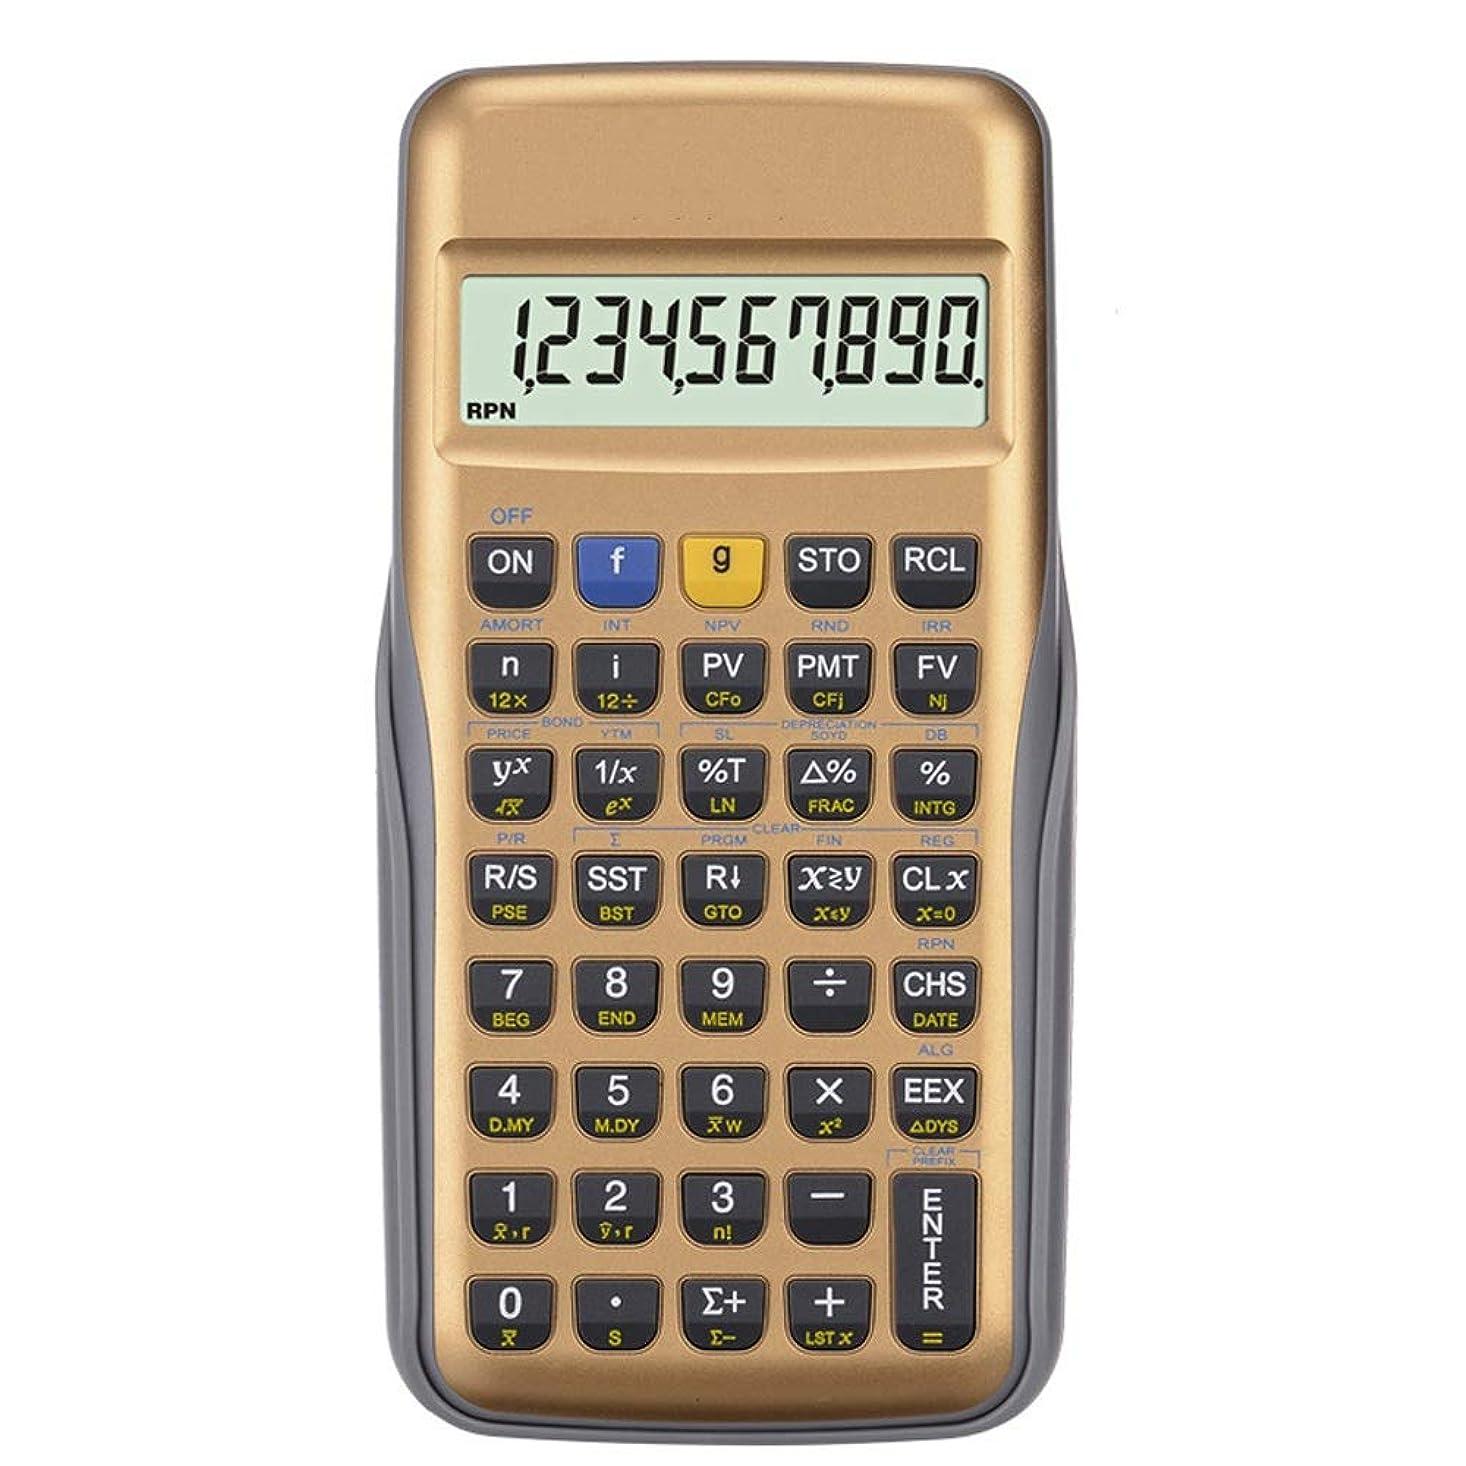 寄生虫悪用最小化するビジネス電卓 財務?金融計算機CFA/AFP/CFP試験 ミニジャストタイプ電卓